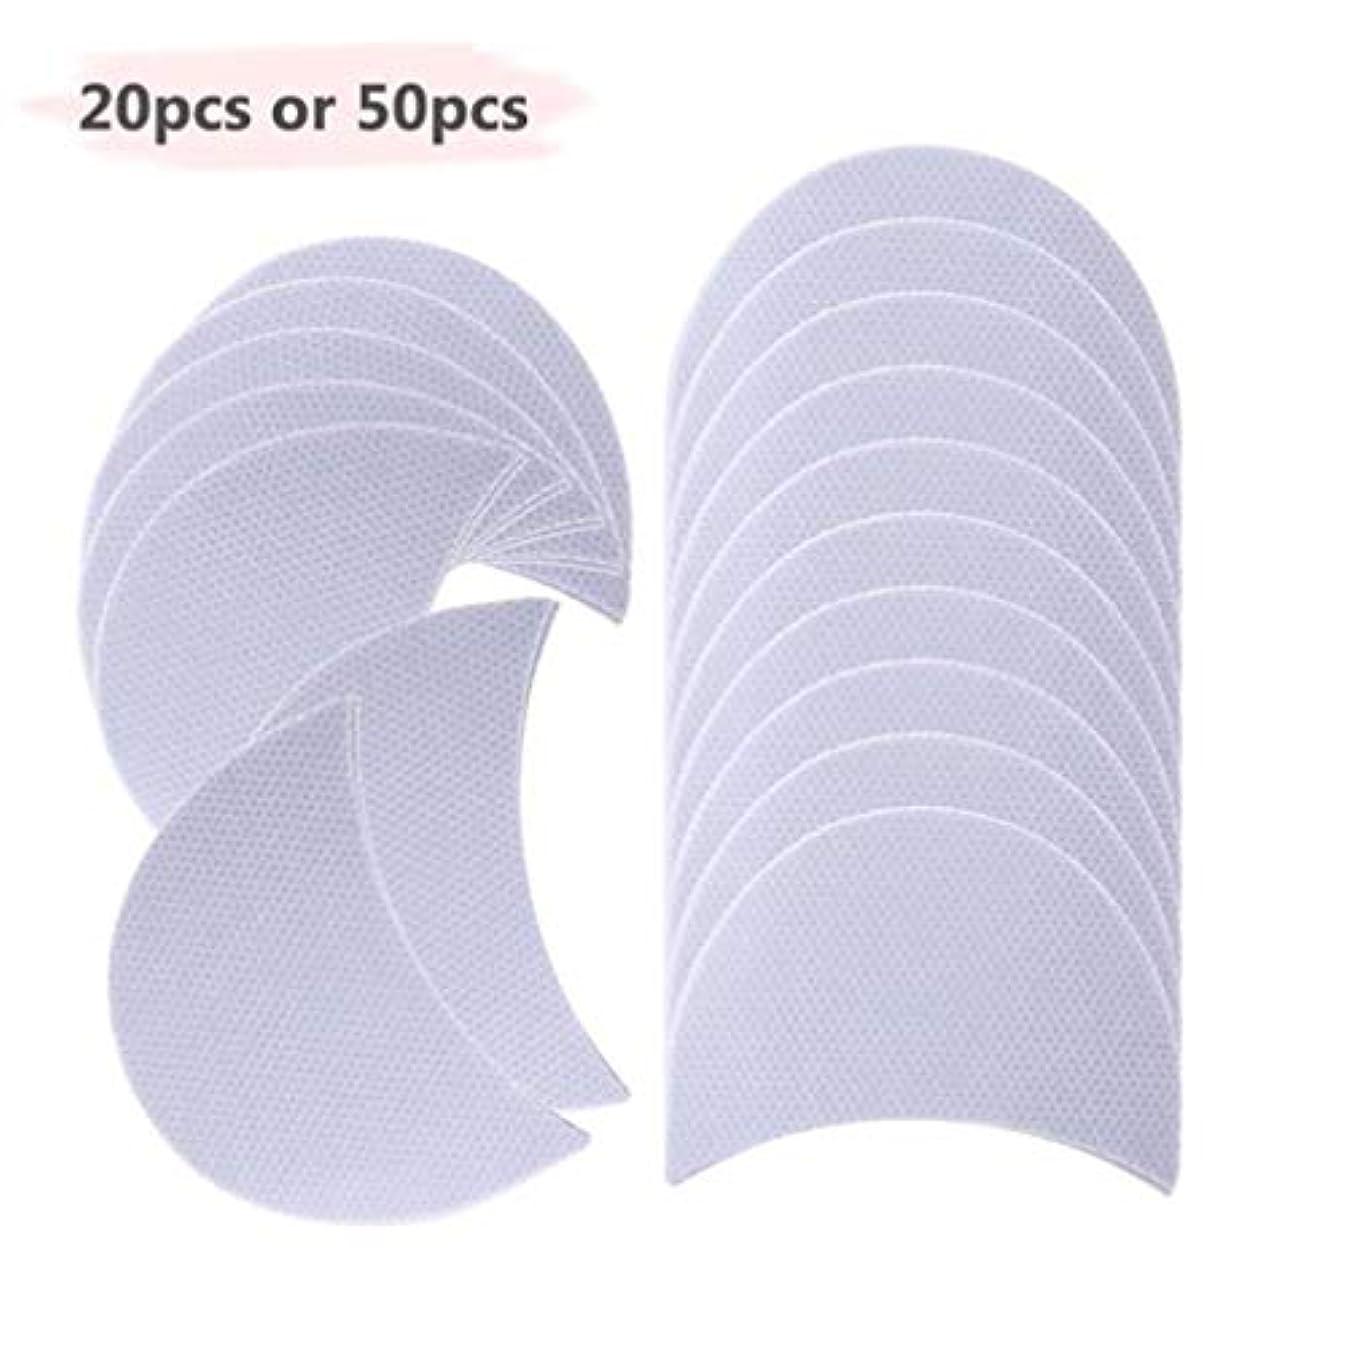 ラップトップ縫い目かみそりアイシャドウシールズパッチまつげパッドの下翼のアイライナーステッカーメイクレディ女性化粧品アイシャドウ紙